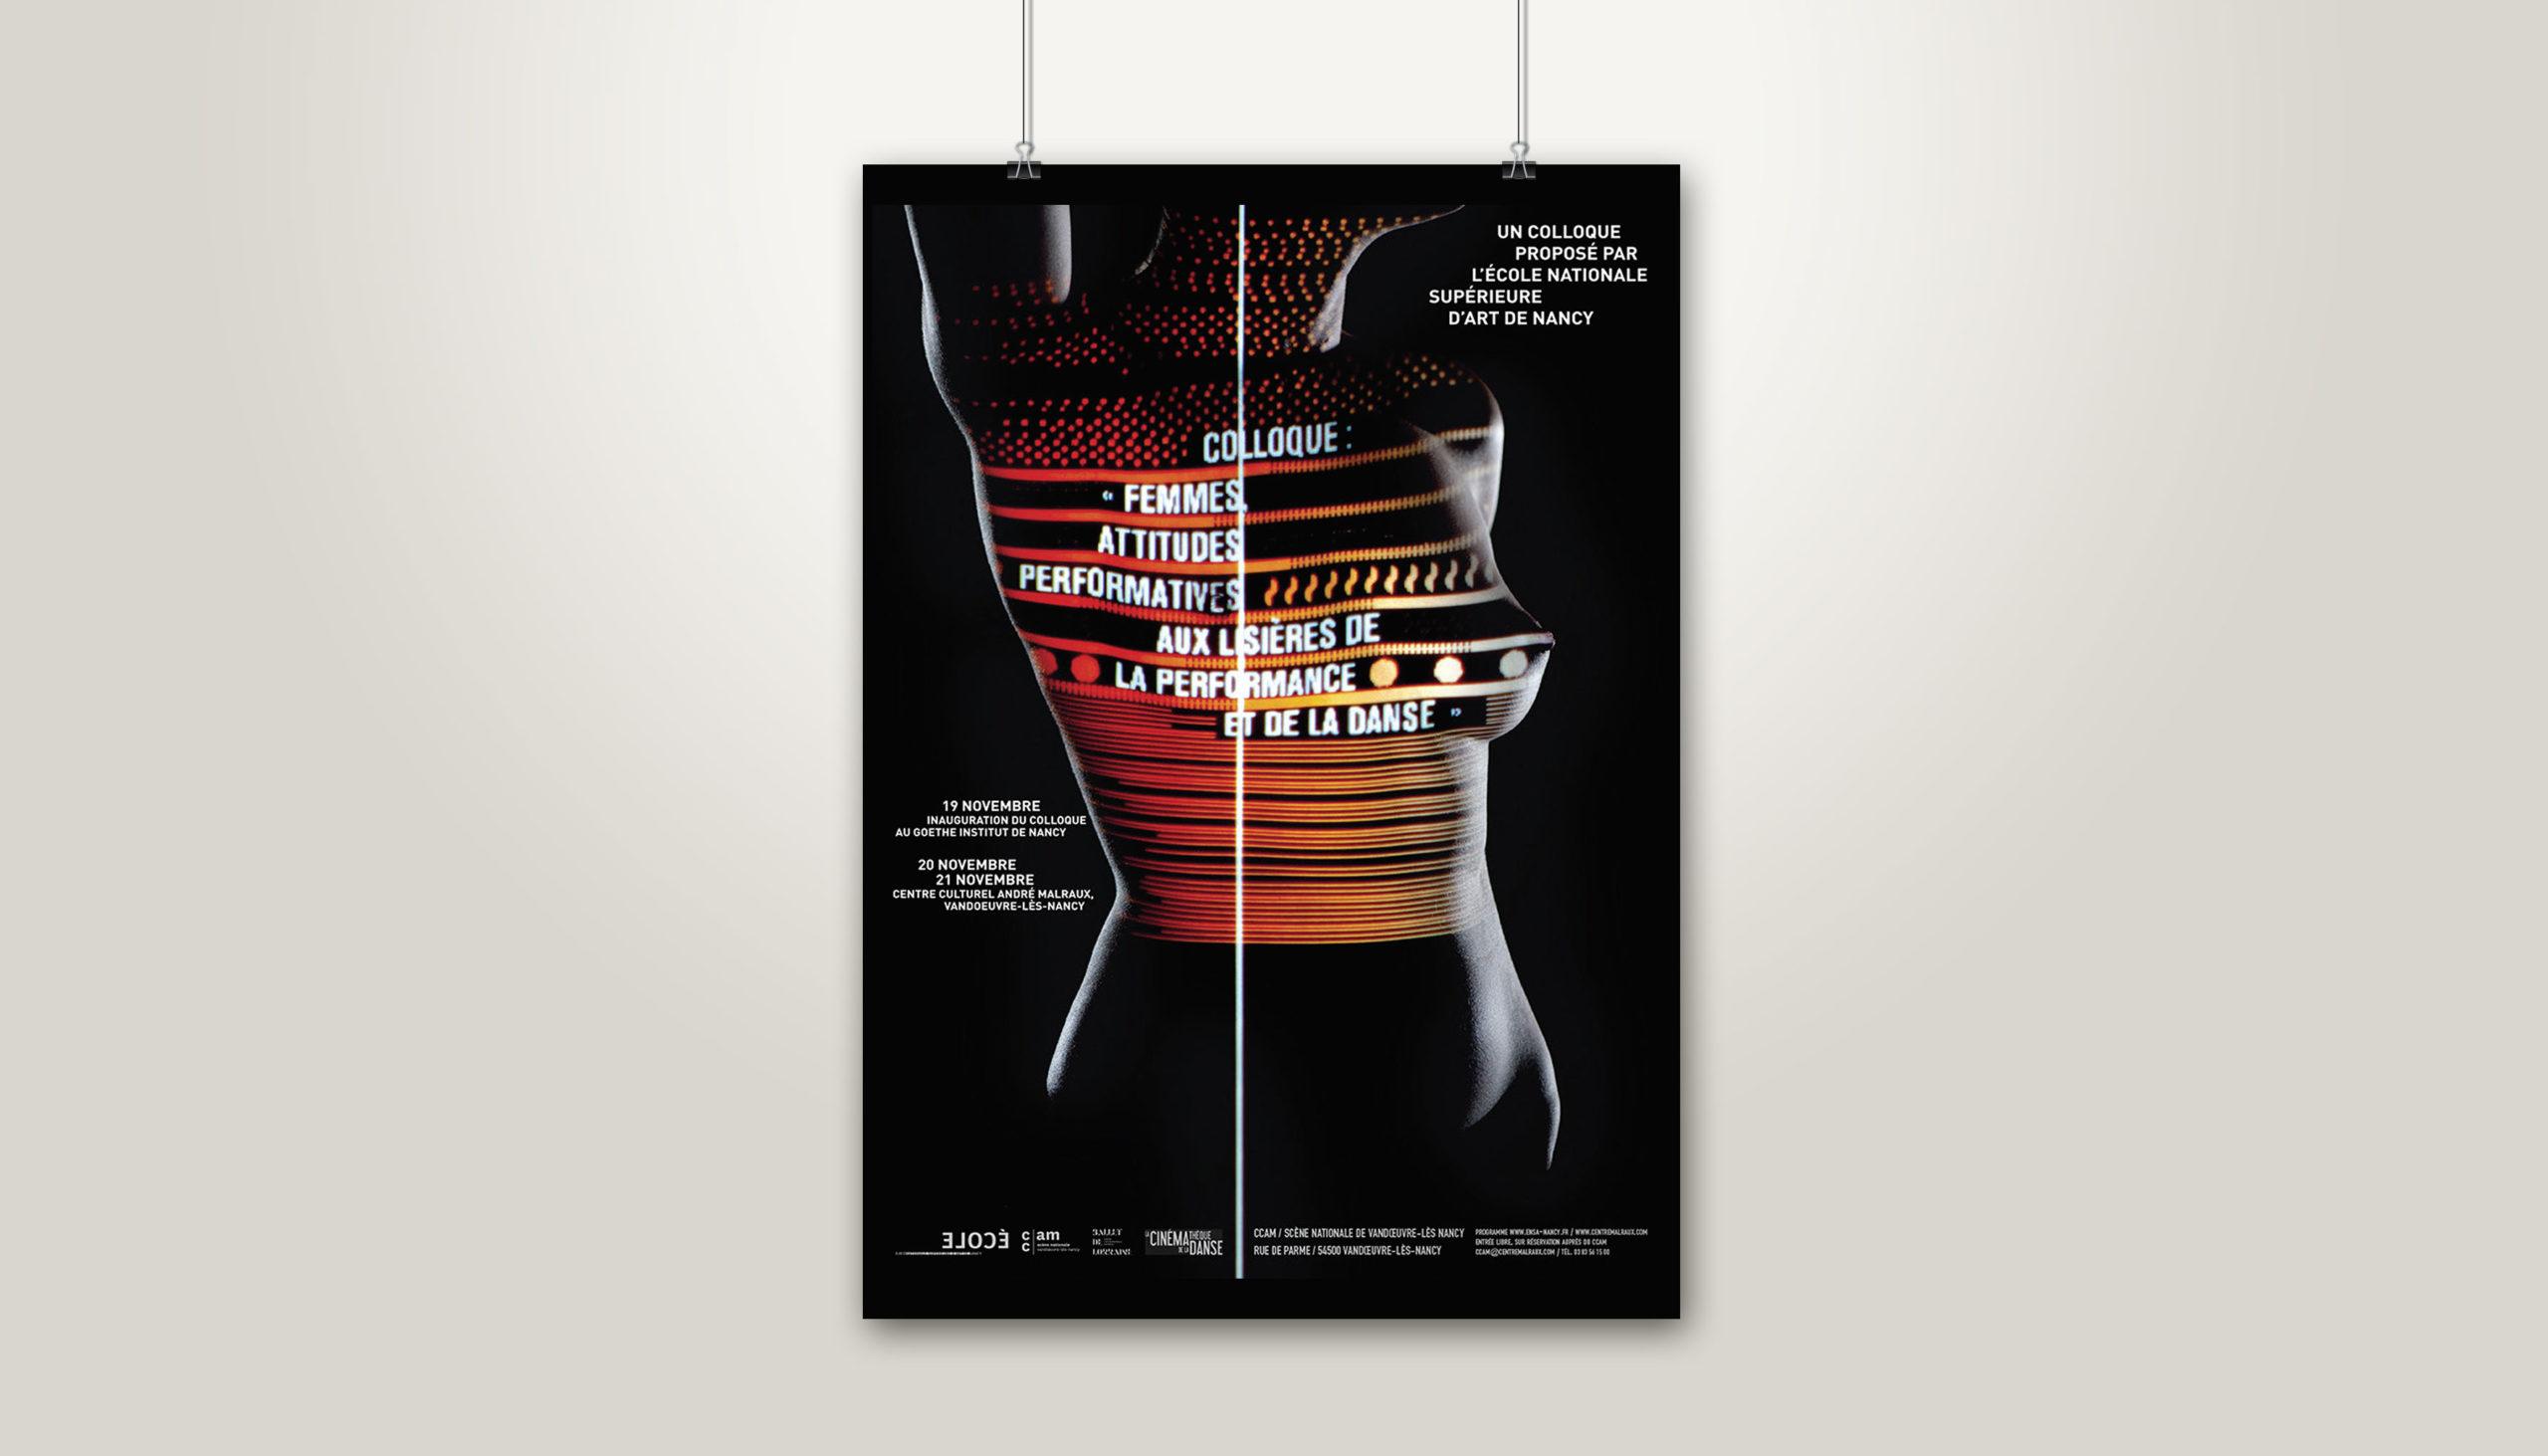 Léa Candat _ Graphiste - Webdesigner _ Nancy _ Projets _ Graphisme _ Affiche _ Femmes attitudes